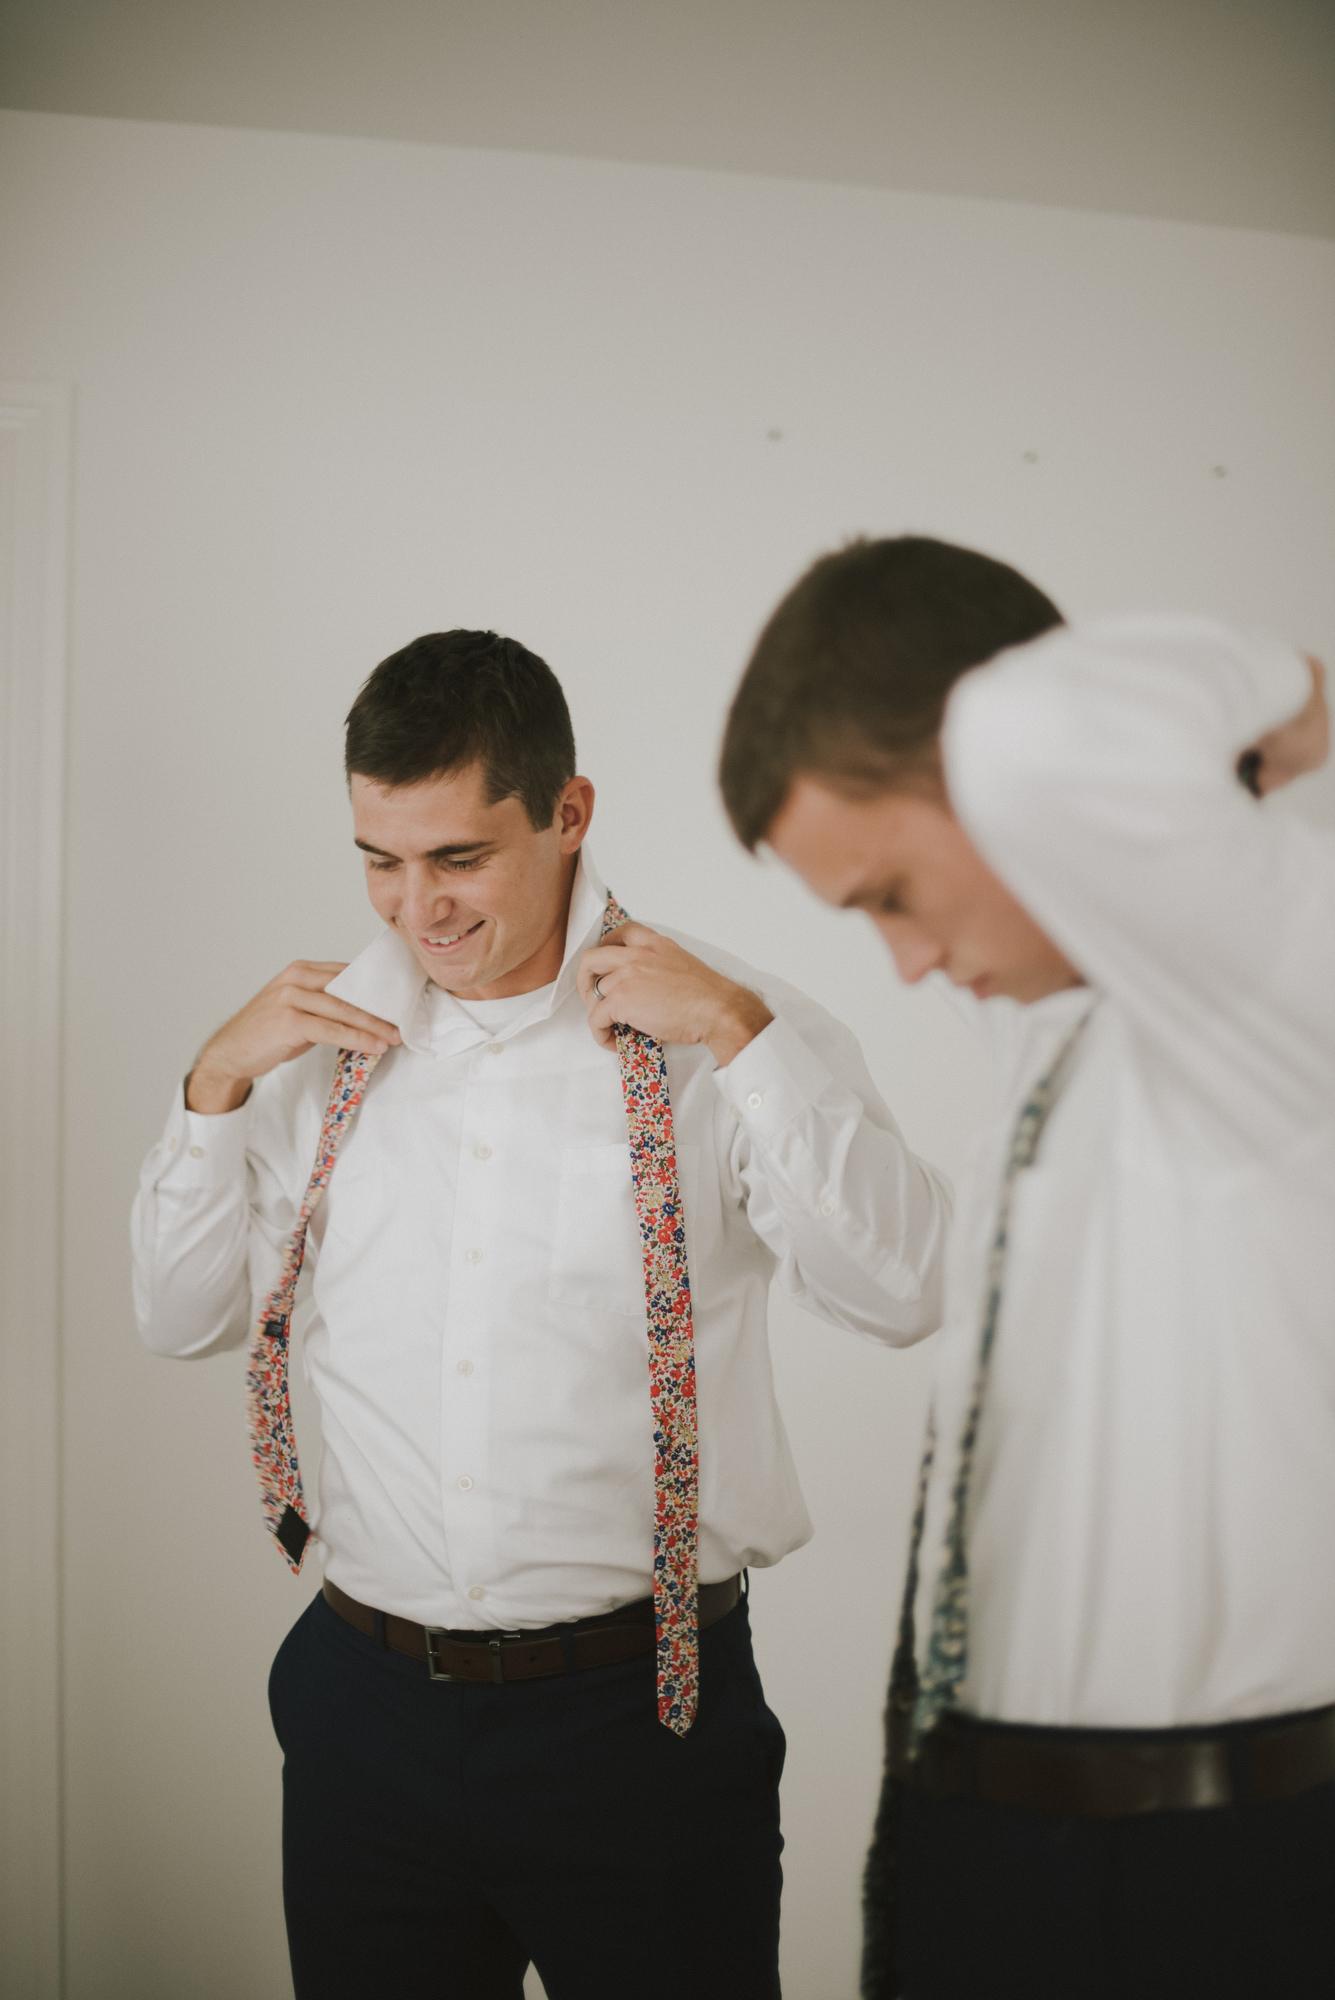 ofRen_weddingphotography011.JPG